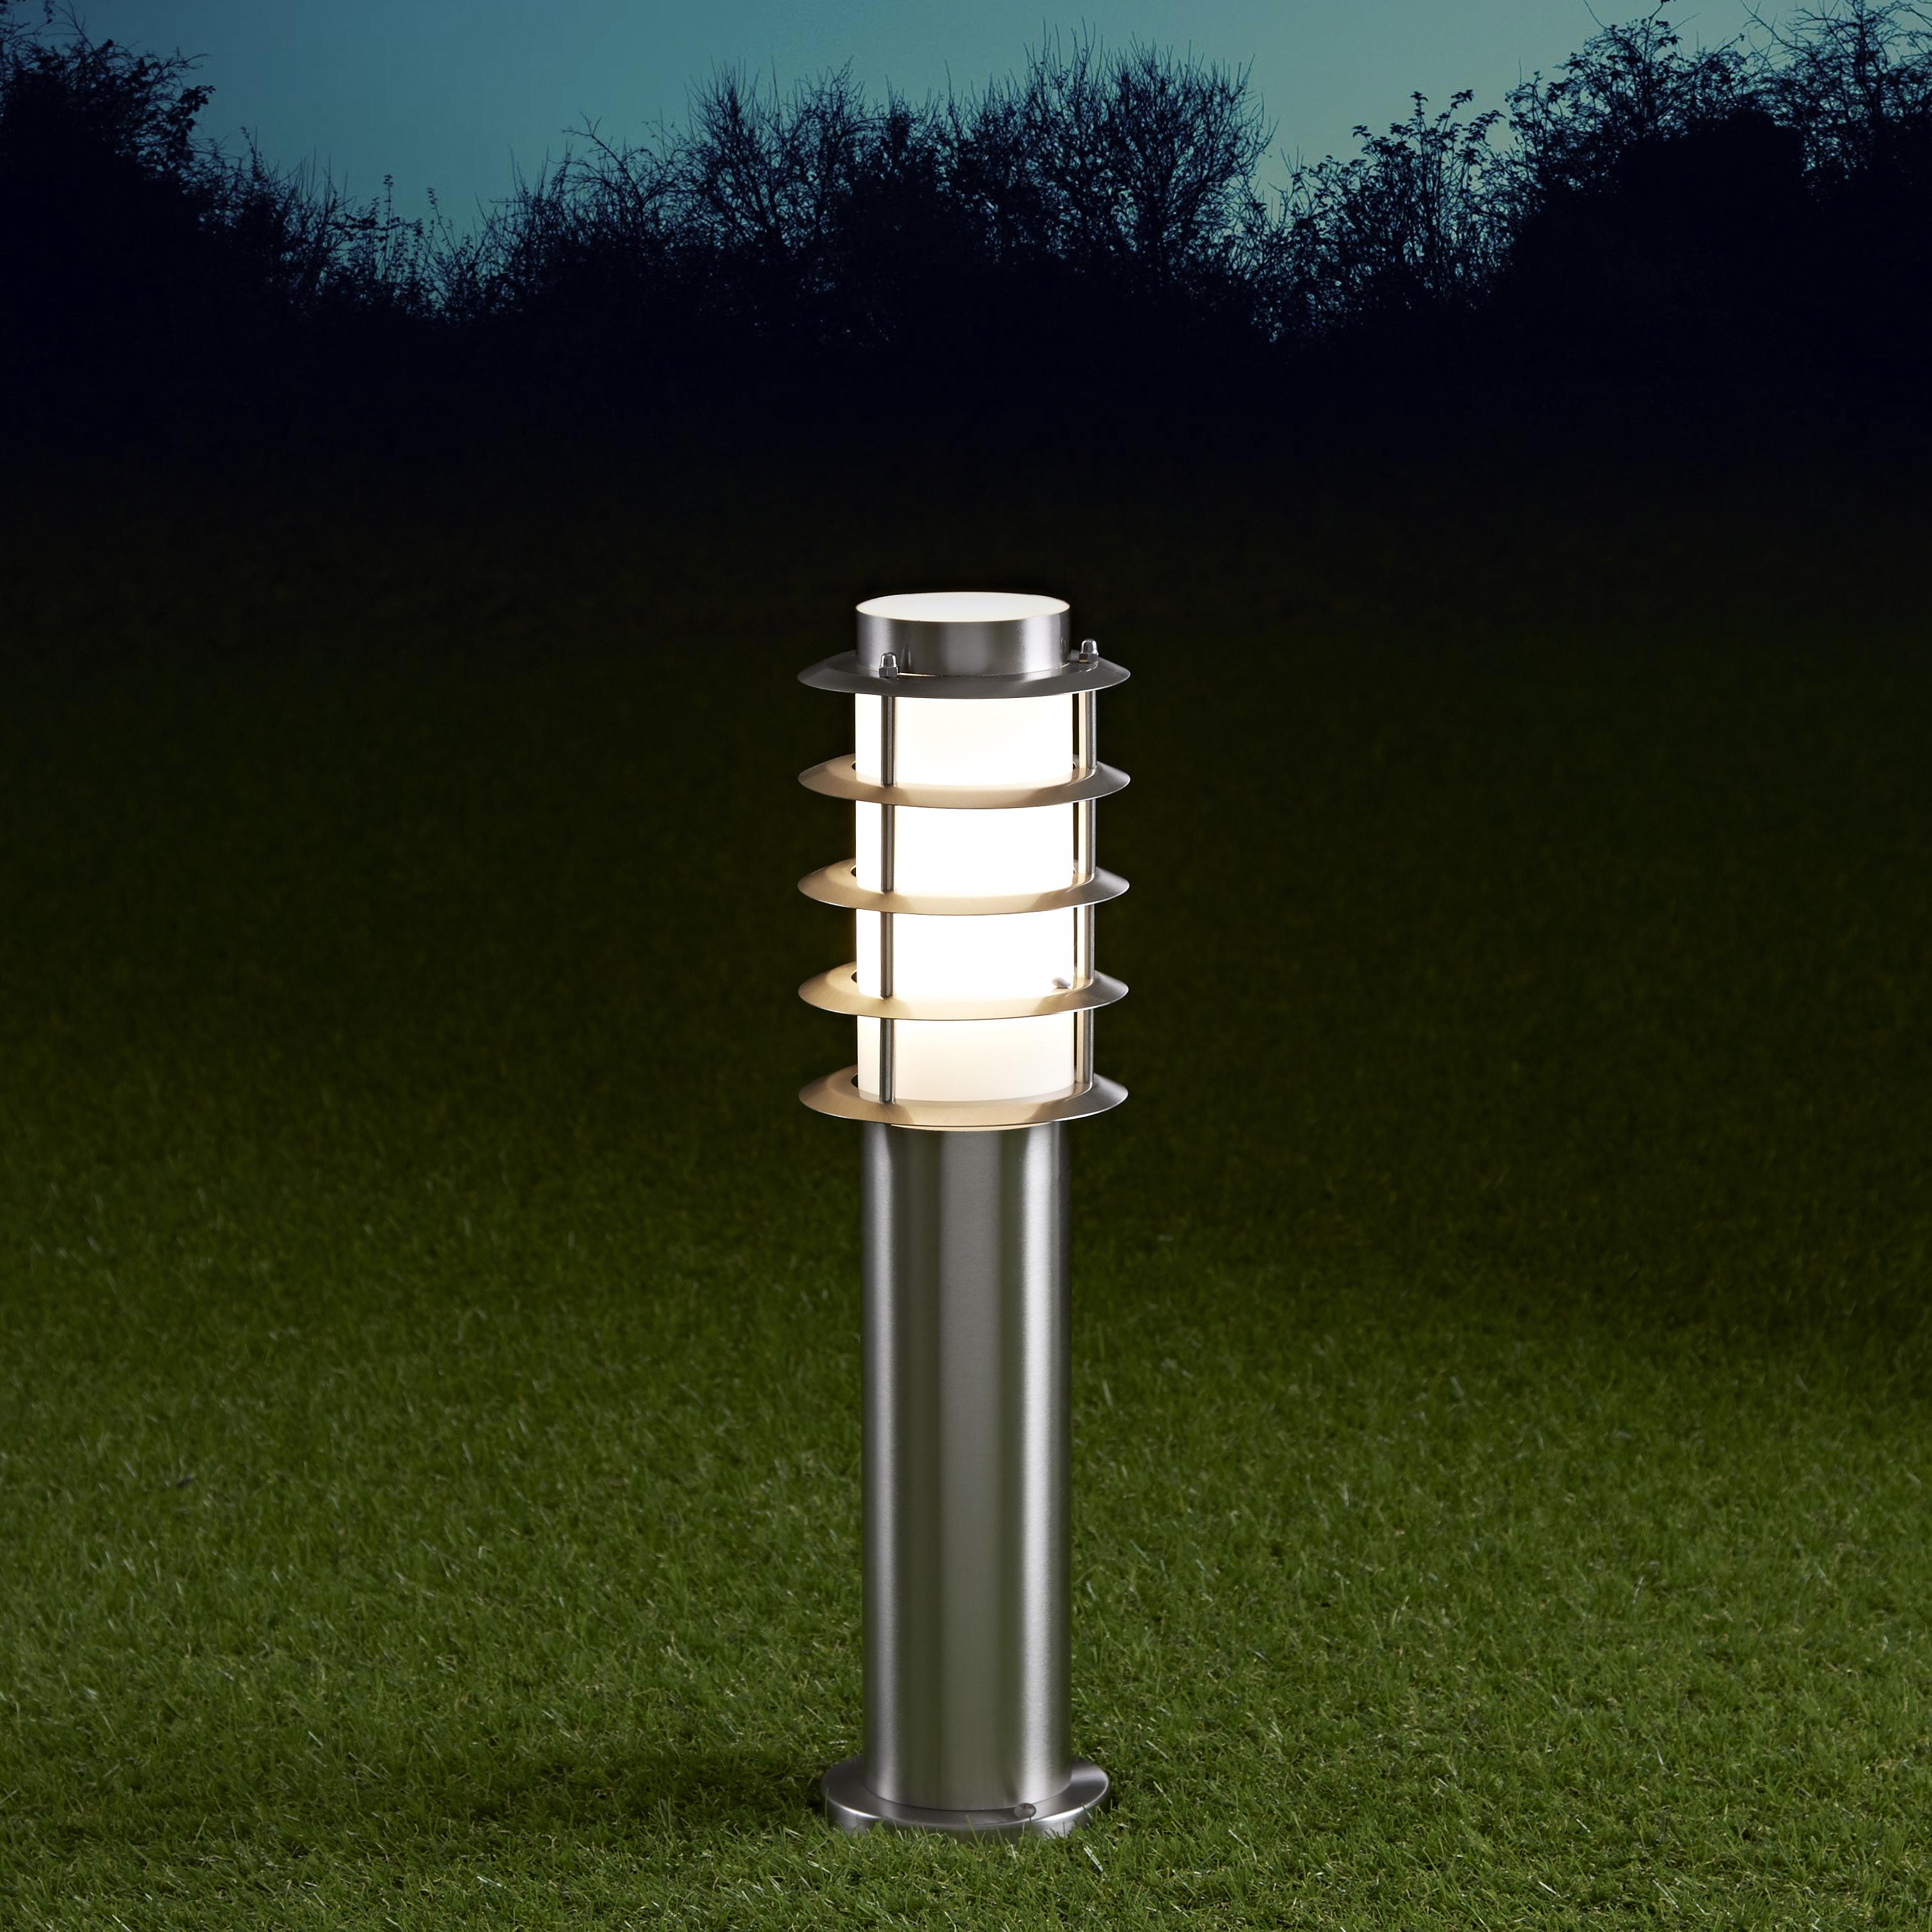 Biard Belford 450mm Pollerleuchte Edelstahl Chrom inklusive Leuchtmittel